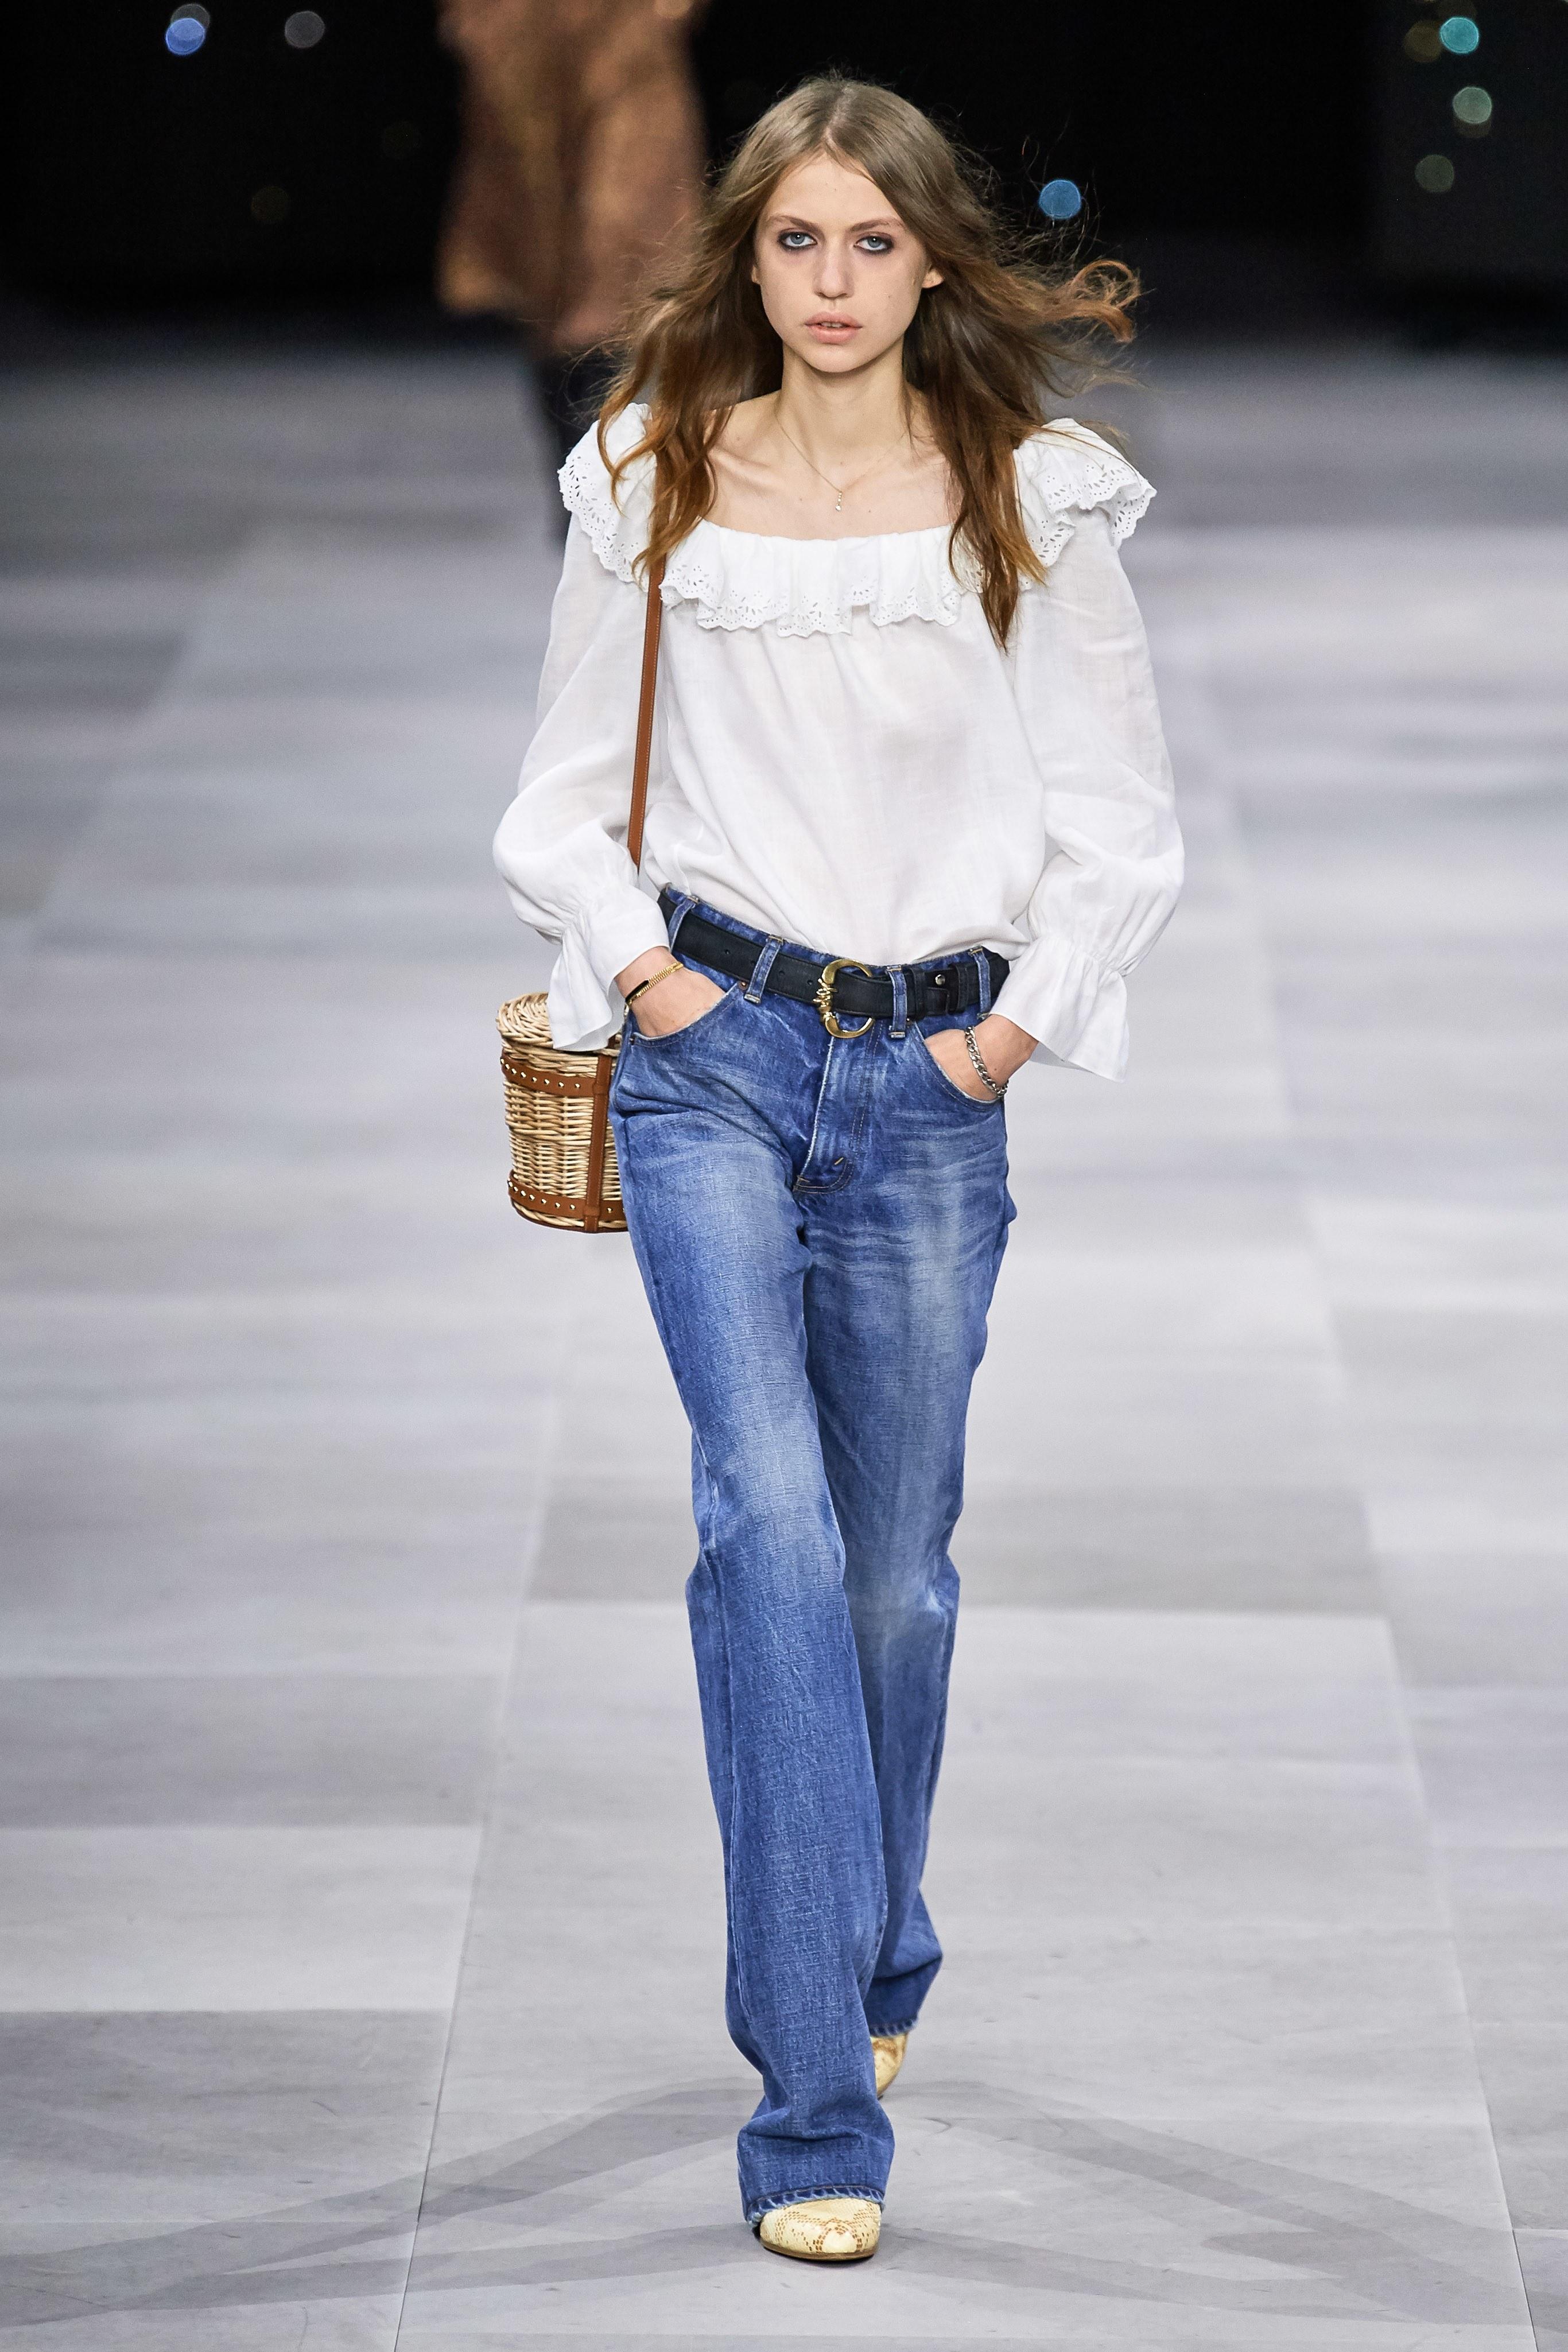 quần jeans ống rộng và áo cổ vuông tay bồng celine